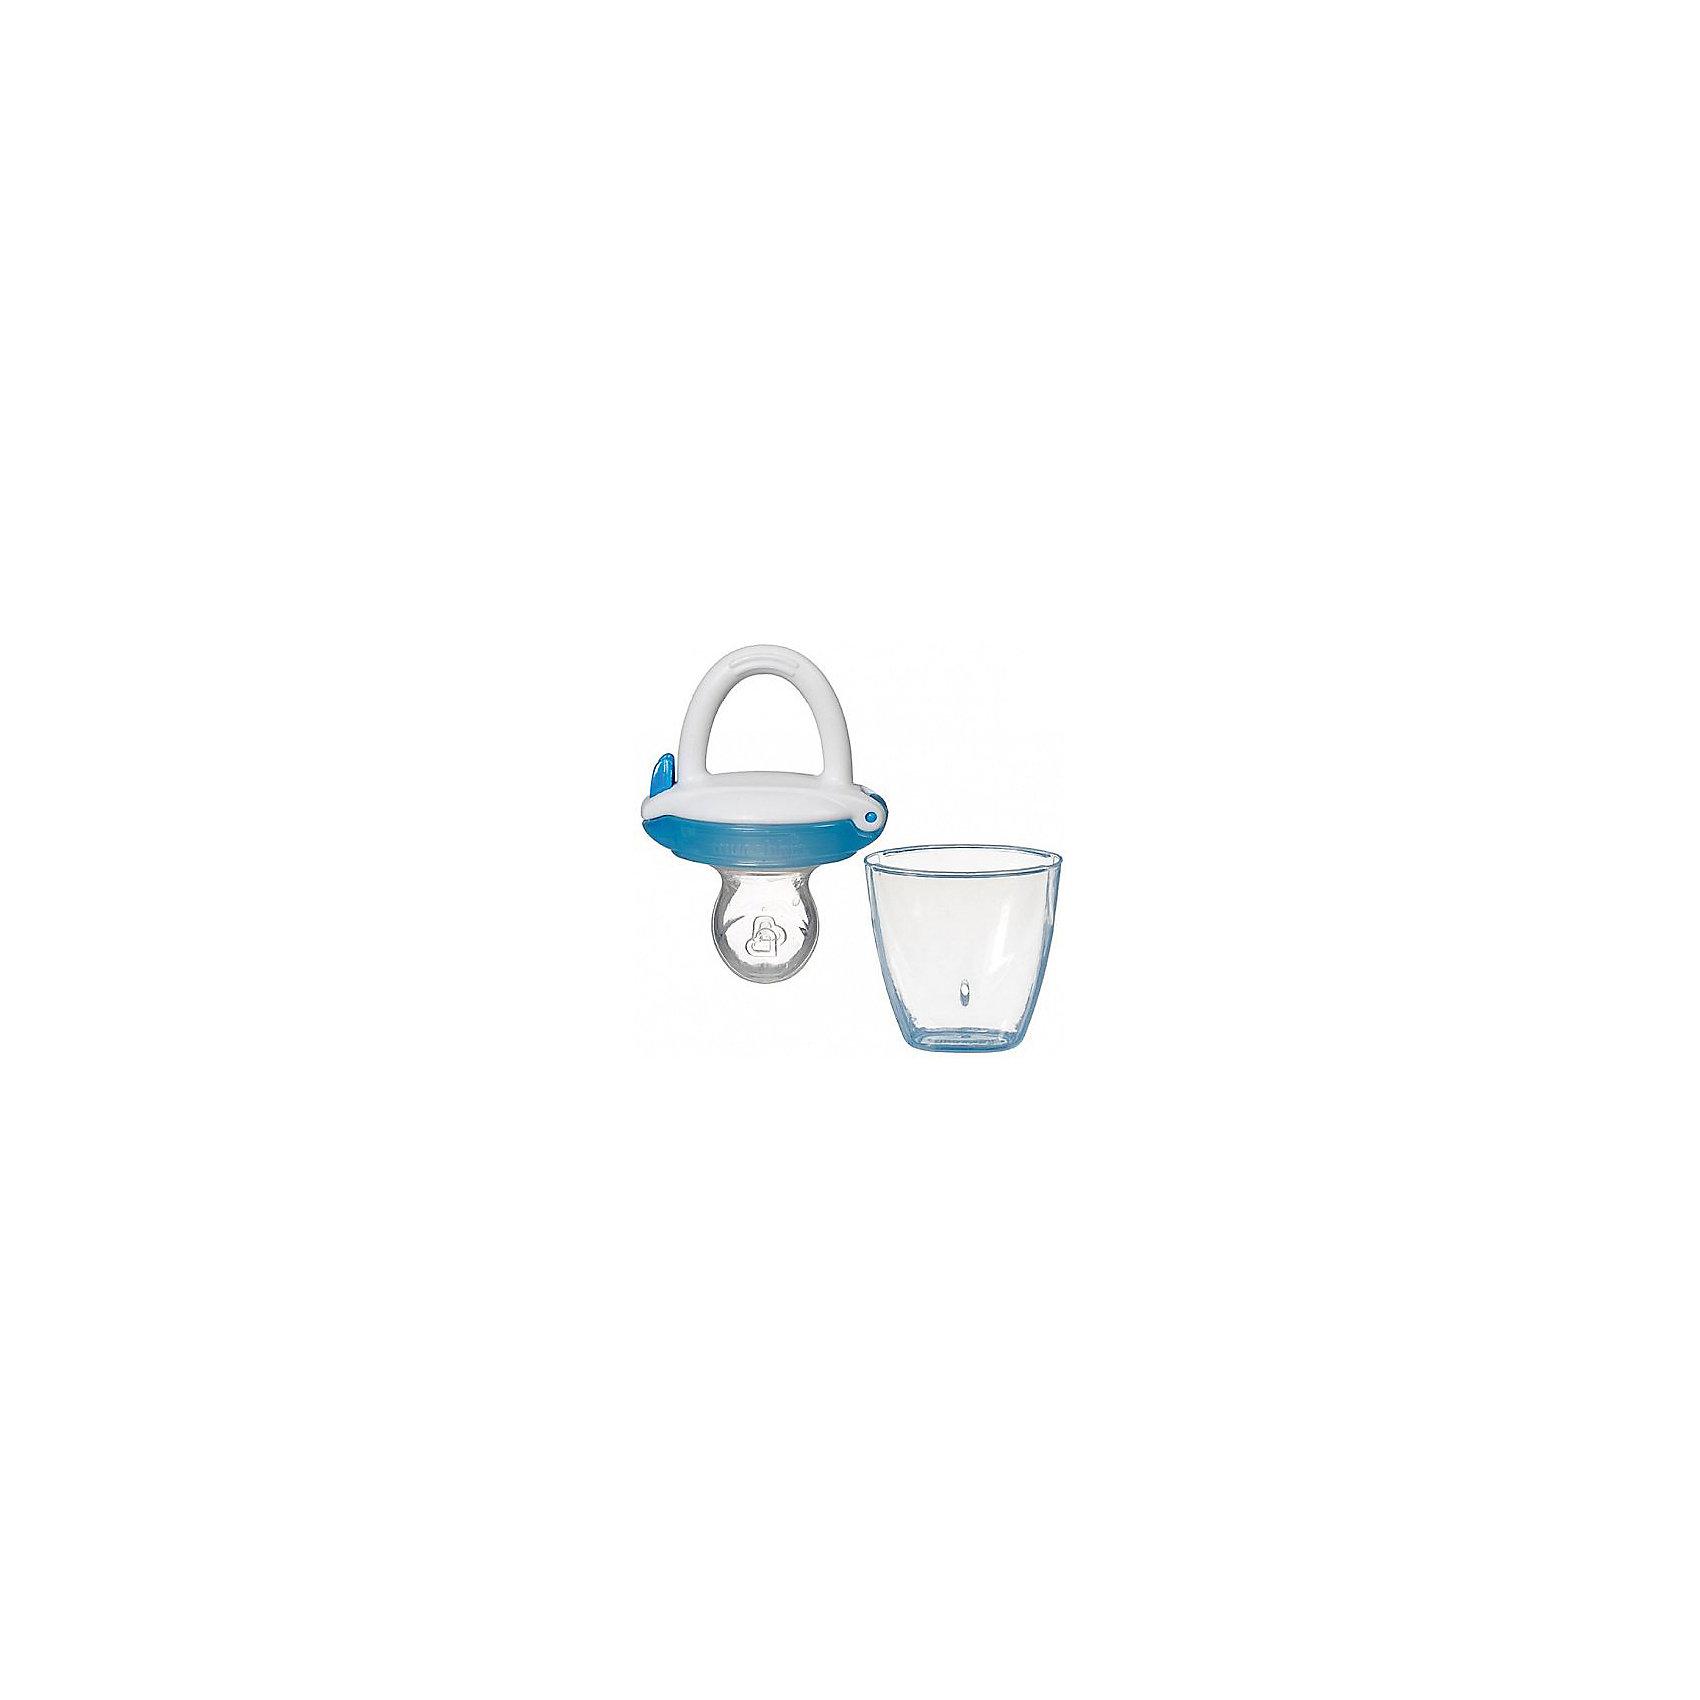 Ниблер для детского питания, Munchkin, синийПосуда для малышей<br>Ниблер для детского питания, Munchkin (Манчкин) – это силиконовый ниблер для безопасного кормления малыша, а также для обучения жеванию.<br>Ниблер в форме пустышки для легкого и безопасного введения прикорма на начальном этапе перехода к твердой пище. Он позволяет безо всякого риска вводить в рацион ребенка твердую пищу, в том числе фрукты и овощи, без риска подавиться. Ниблер удобен для маленьких детских ручек. Развивает, умение малыша есть самостоятельно. Легко чистится. Прост в использовании: просто откройте верхнюю часть емкости и поместите продукты в соску. Силиконовая емкость пропускает в виде пюре, помещенные в нее кусочки фруктов и овощей. Подходит для кормления в период прорезывании зубов. В комплекте дорожная крышка-футляр, которая защитит ниблер от загрязнений и позволит использовать его на прогулке и в других ситуациях, когда вы находитесь не дома.<br><br>Дополнительная информация:<br><br>- В комплекте: 1 ниблер<br>- Цвет в ассортименте<br>- Материал: силикон<br>- Не содержит Бисфенол А<br>- Не является пустышкой и должен быть использован под наблюдением взрослых<br>- Размер упаковки: 19 х 10 х 3 см.<br>- Вес: 150 г.<br>- ВНИМАНИЕ! Данный товар представлен в ассортименте. К сожалению, предварительный выбор невозможен. При заказе нескольких единиц данного товара, возможно получение одинаковых<br><br>Ниблер для детского питания, Munchkin (Манчкин) можно купить в нашем интернет-магазине.<br><br>Ширина мм: 50<br>Глубина мм: 20<br>Высота мм: 100<br>Вес г: 50<br>Возраст от месяцев: 4<br>Возраст до месяцев: 36<br>Пол: Унисекс<br>Возраст: Детский<br>SKU: 4142395